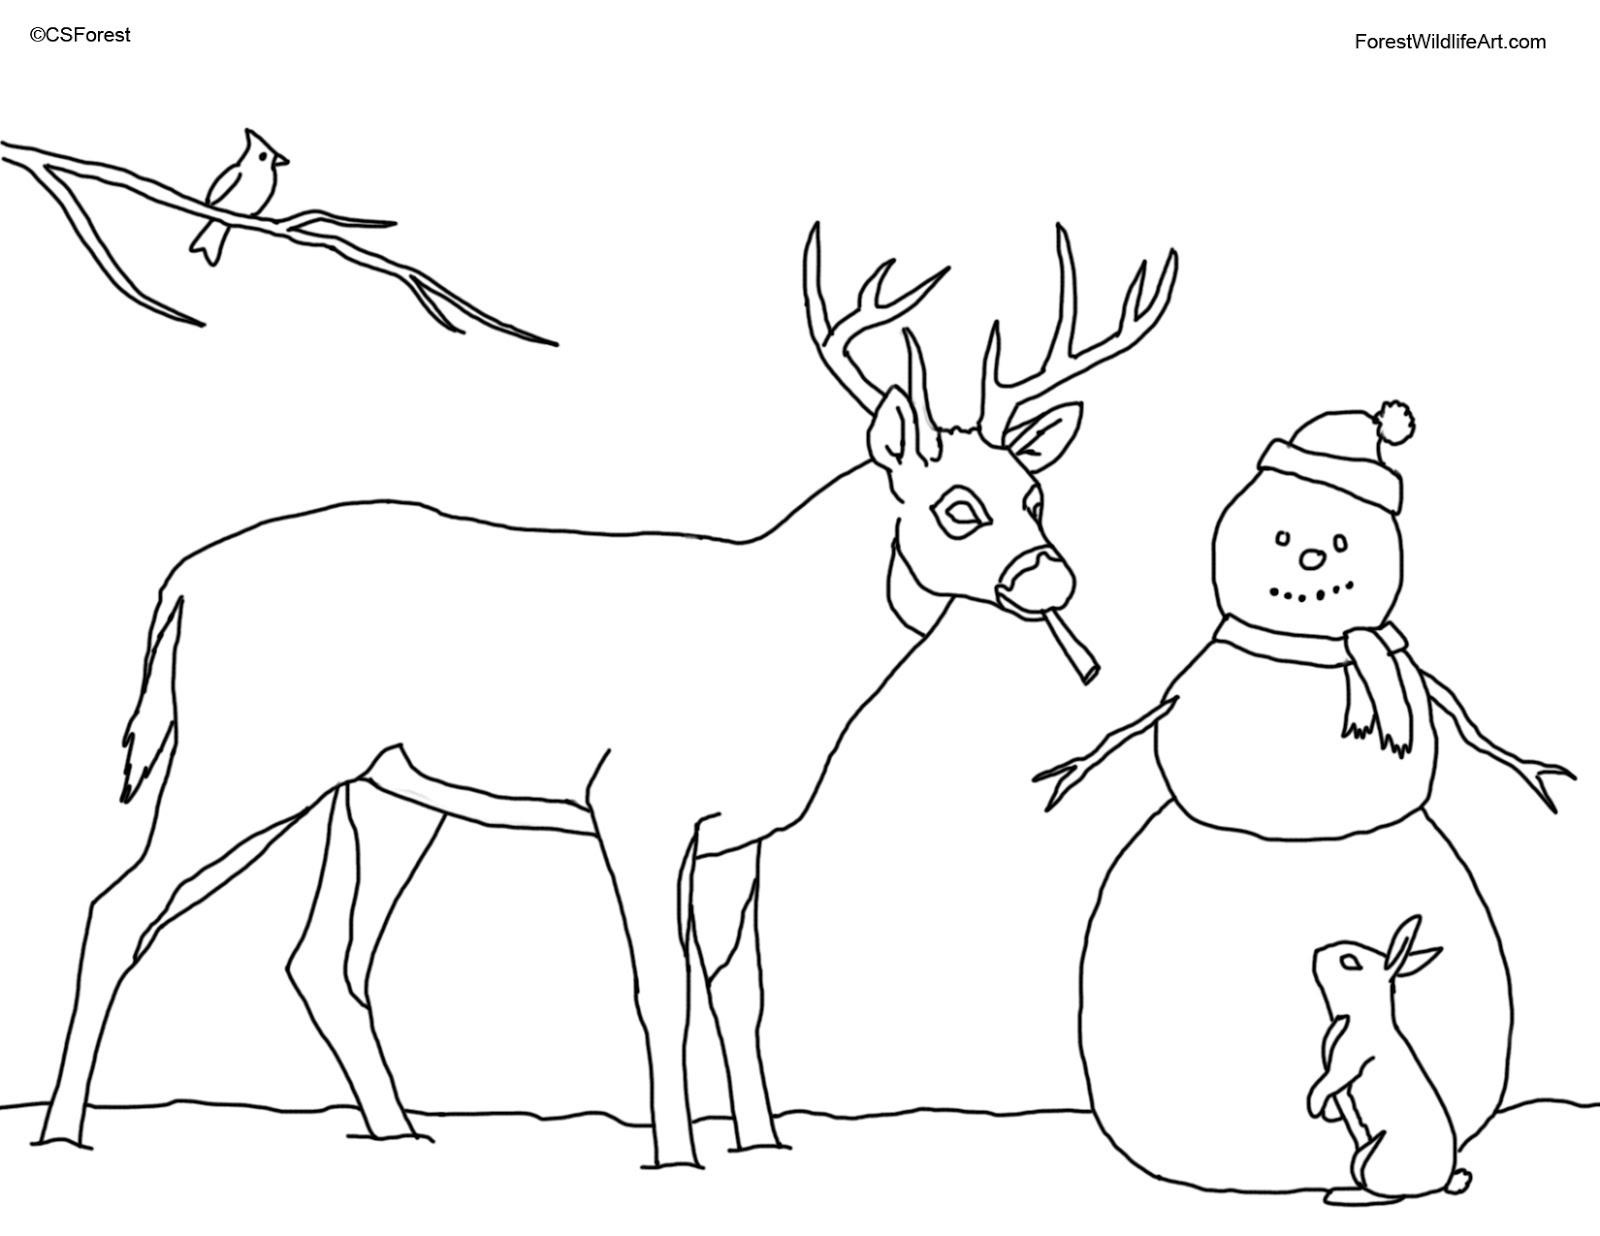 deer coloring page free printable deer coloring pages for kids coloring deer page